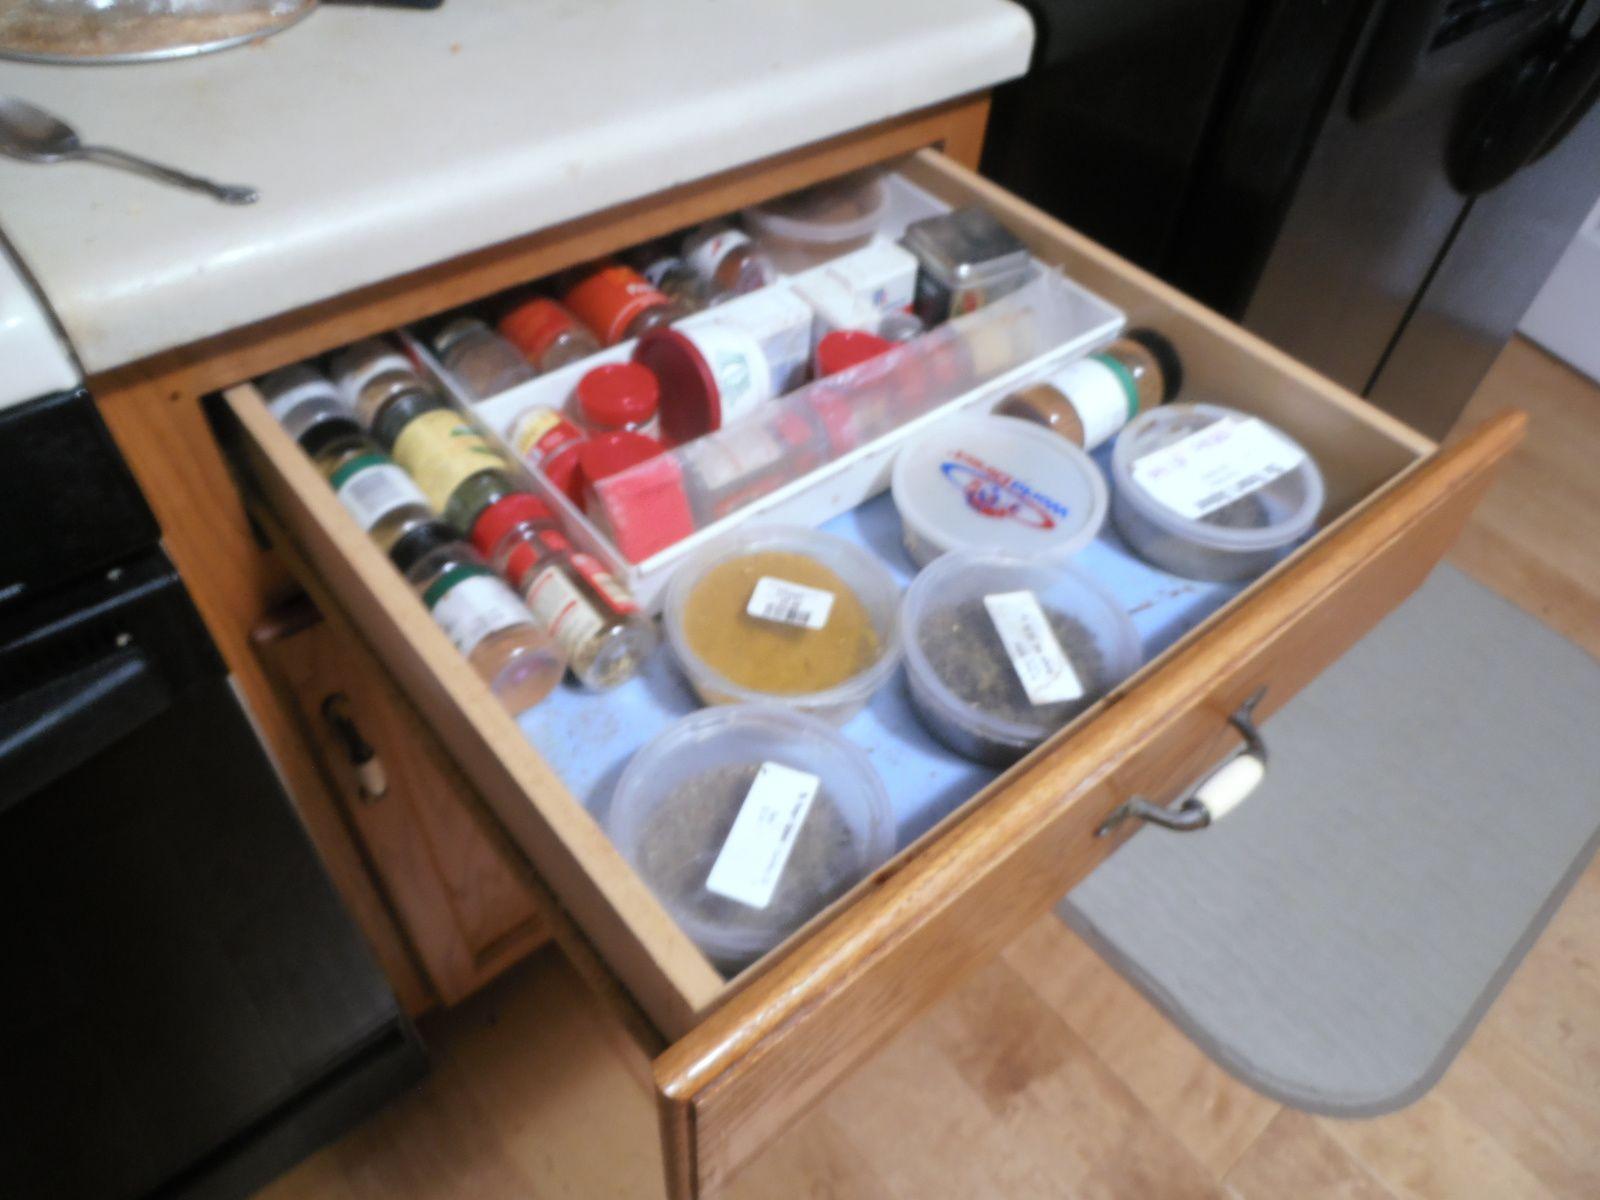 Sous chaque plan de travail, on trouve un tiroir. Coutellerie, accessoires de cuisine, épices y ont leur place...